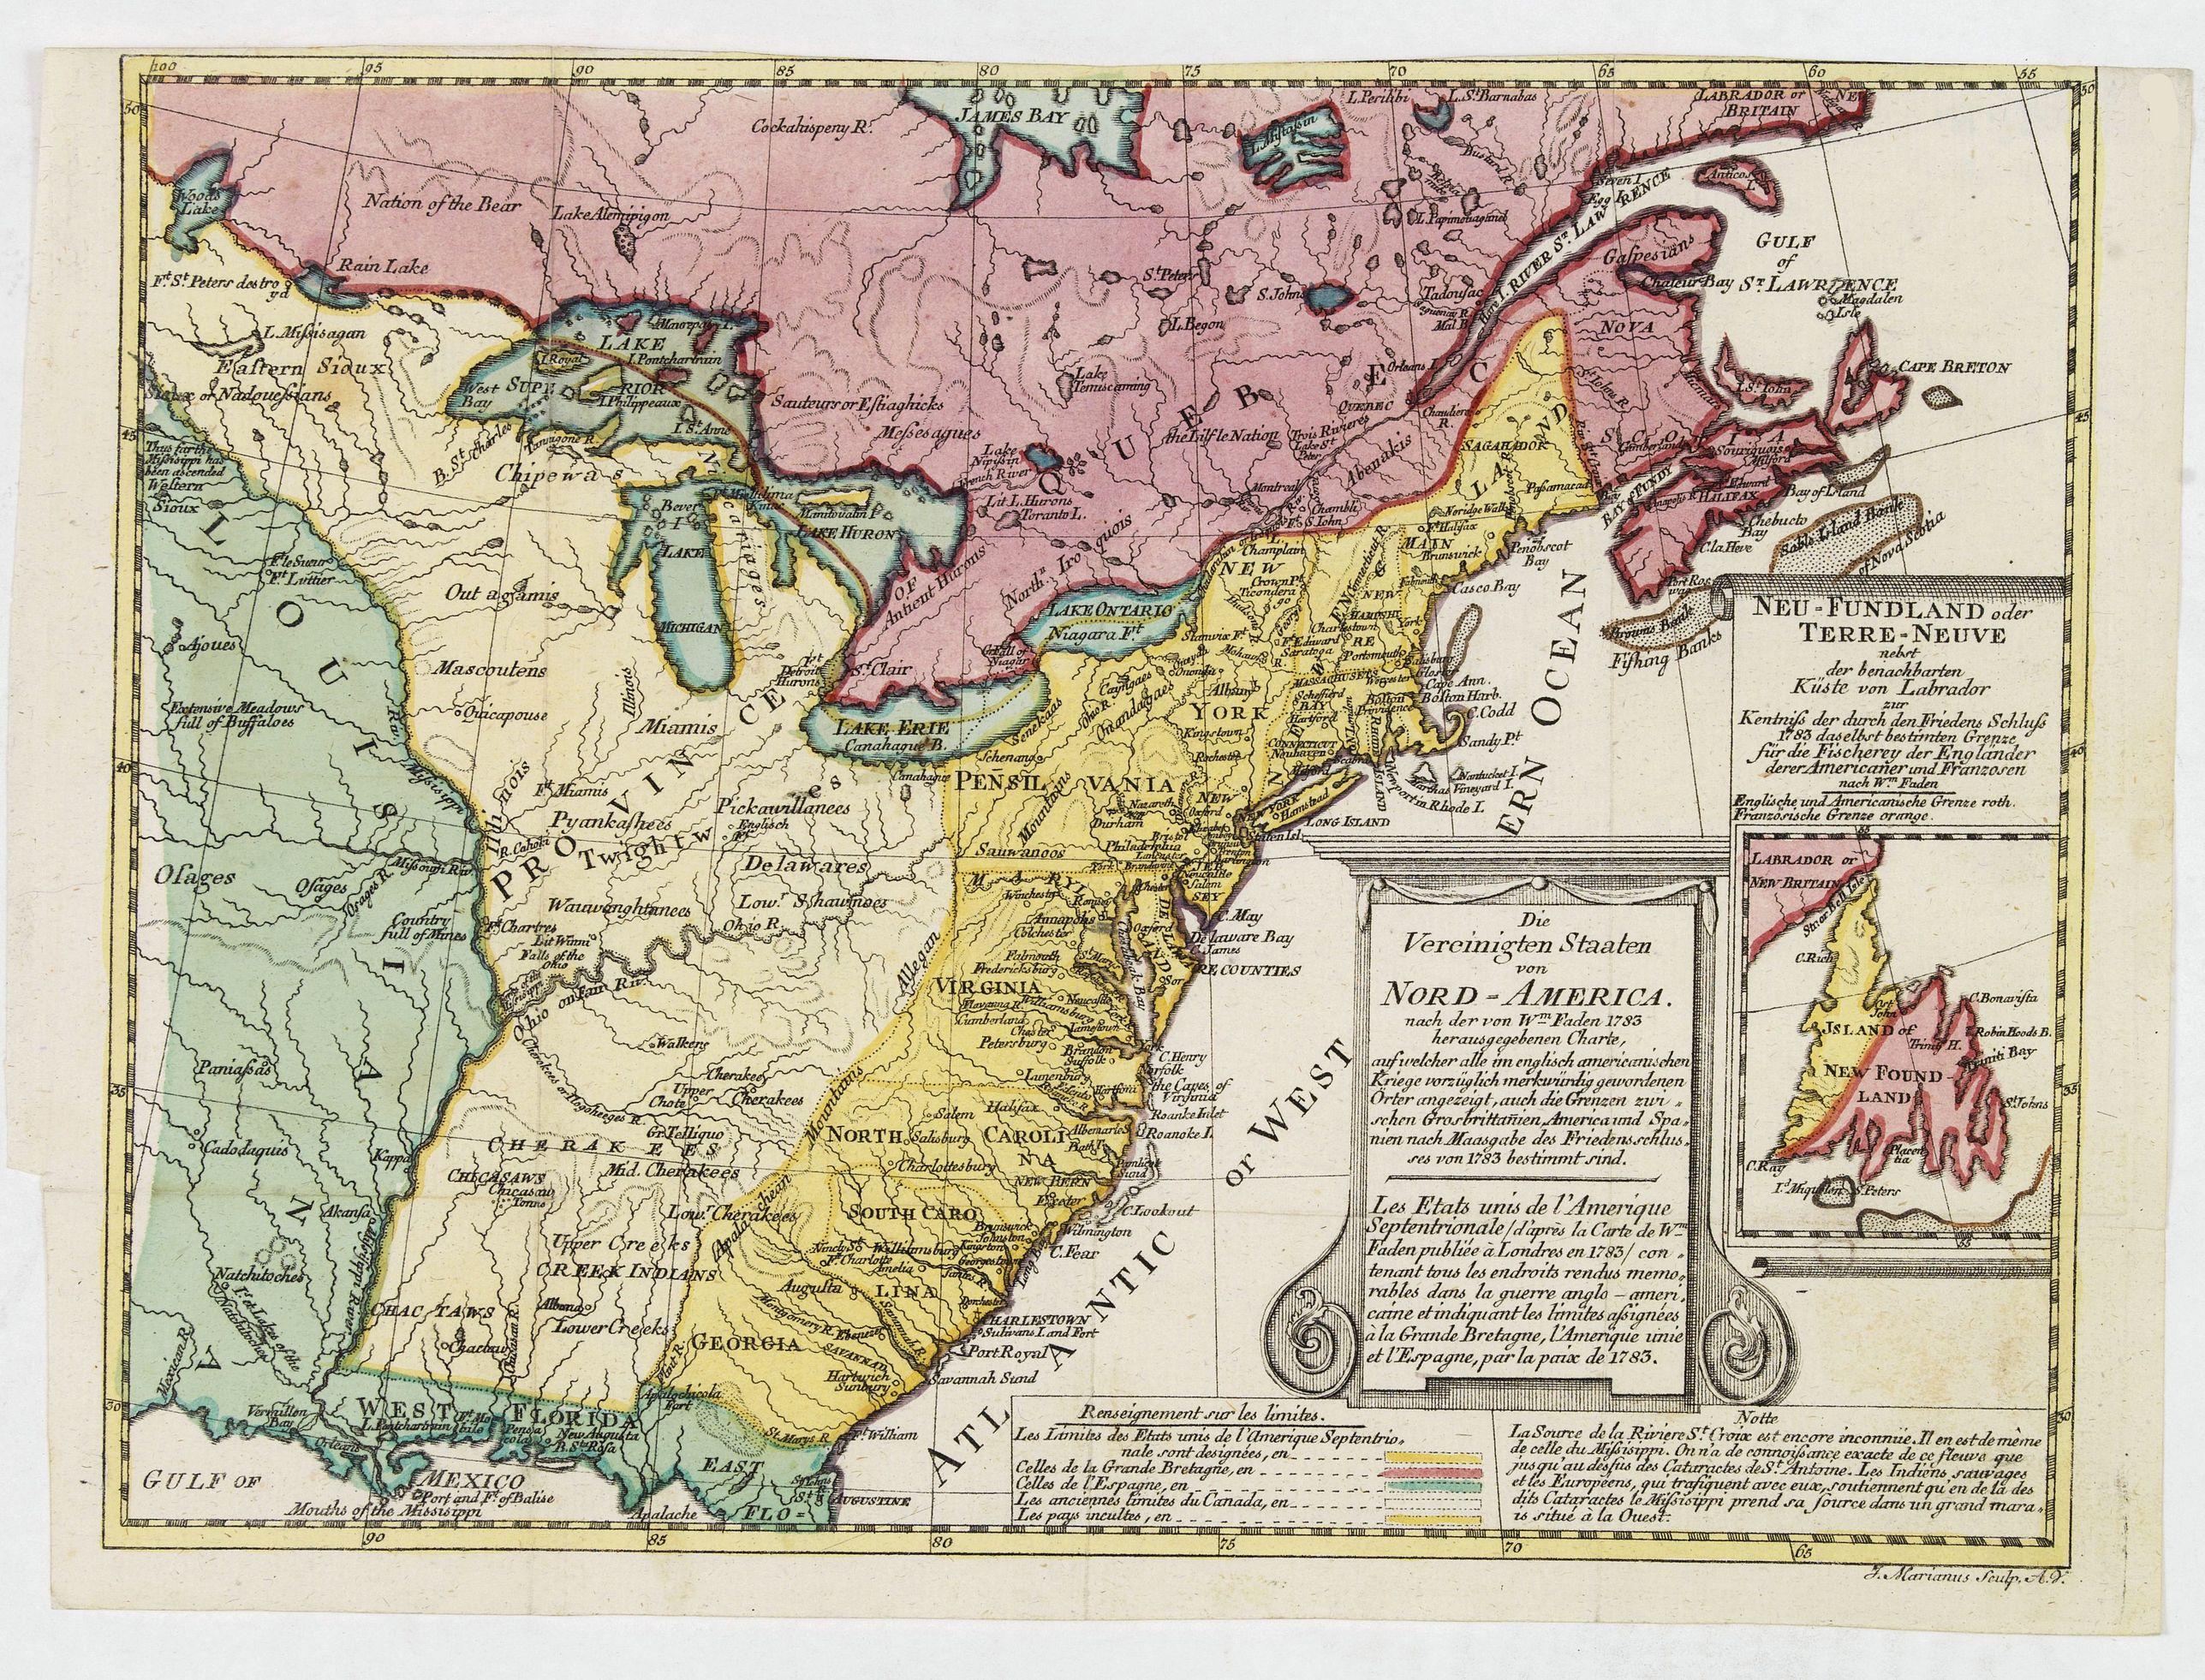 MARIANUS, J. -  Die Vereinigten Staaten von Nord Amerika..